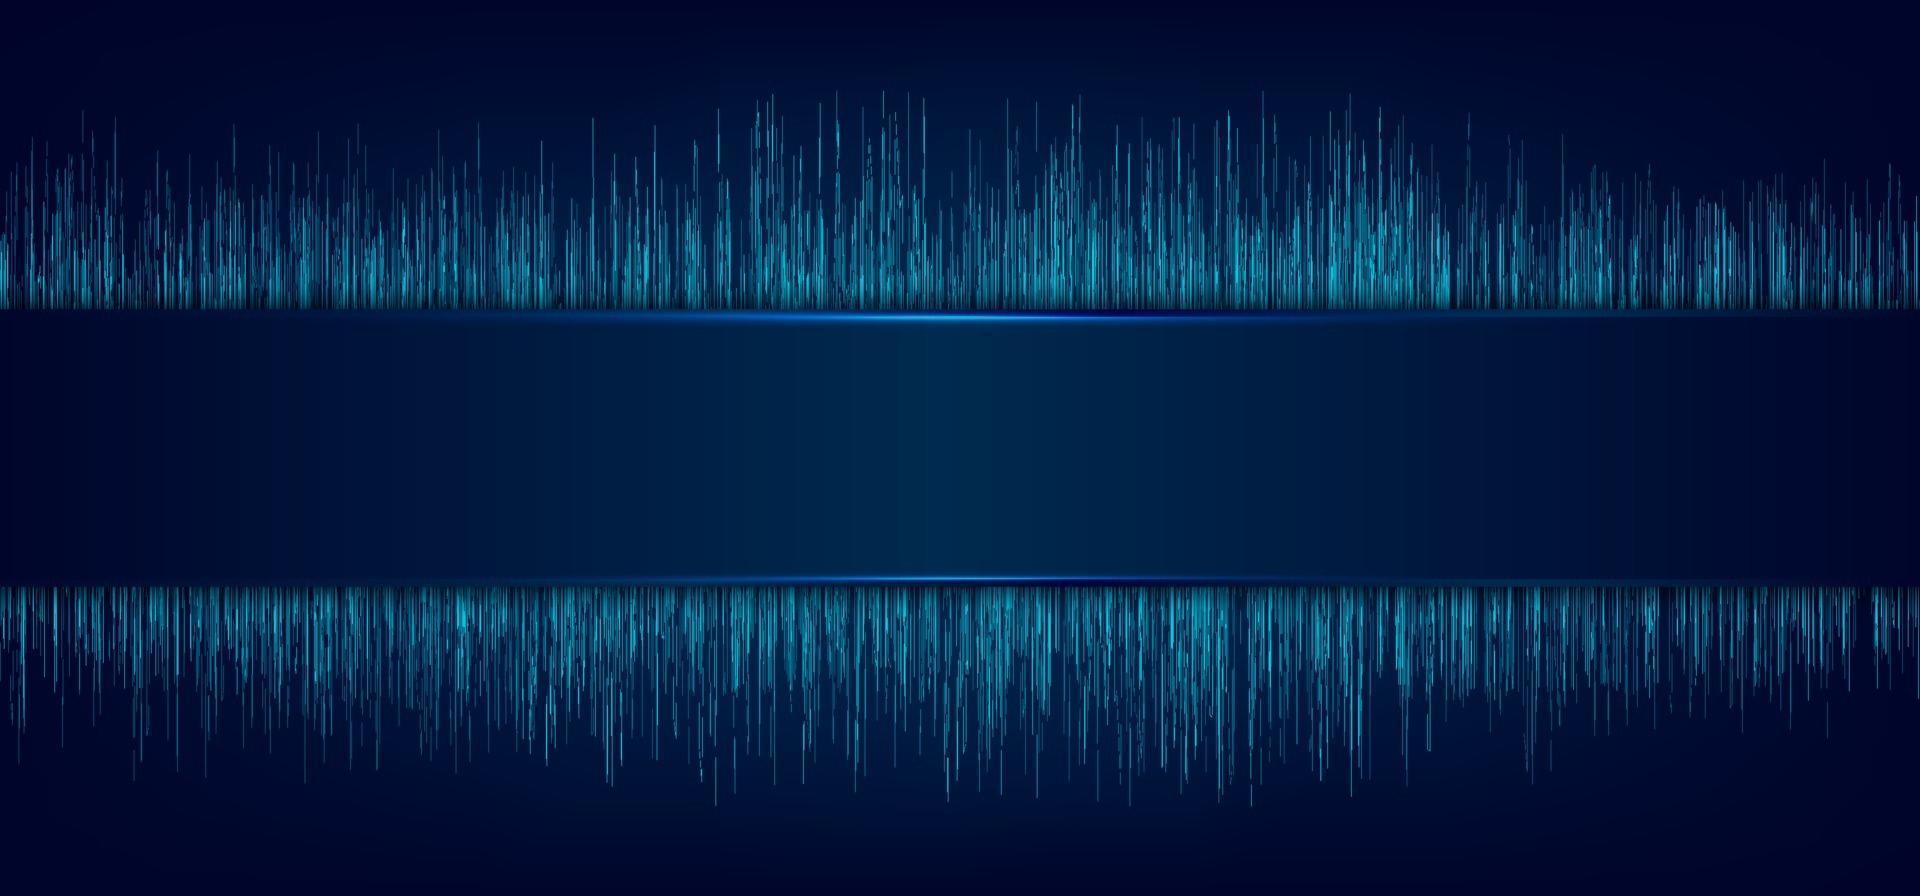 abstrakt blå etikett och laserbelysning med dynamiska linjer rörelse. mönster bakgrund i teknik futuristiska koncept. vektor